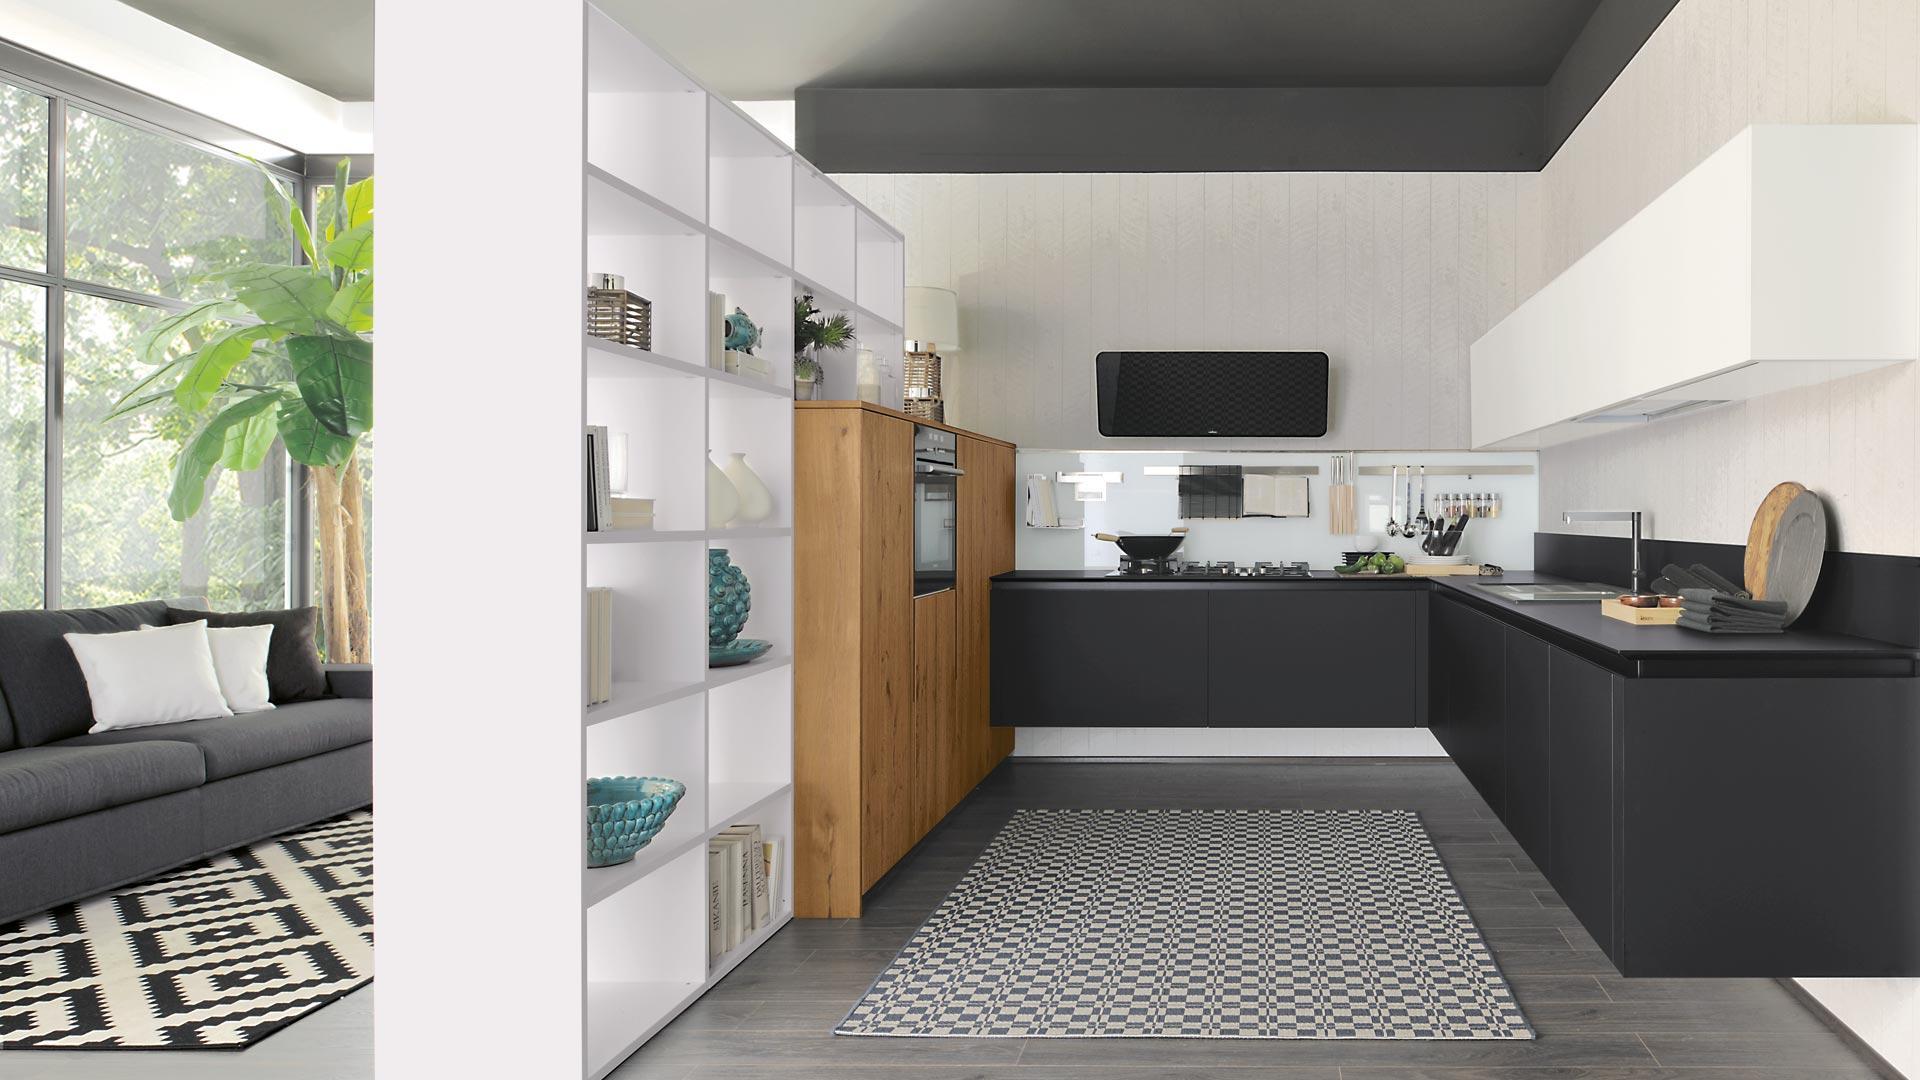 Rizzo Arreda Lube Arredamenti Paderno Dugnano Cucine Moderna Oltre